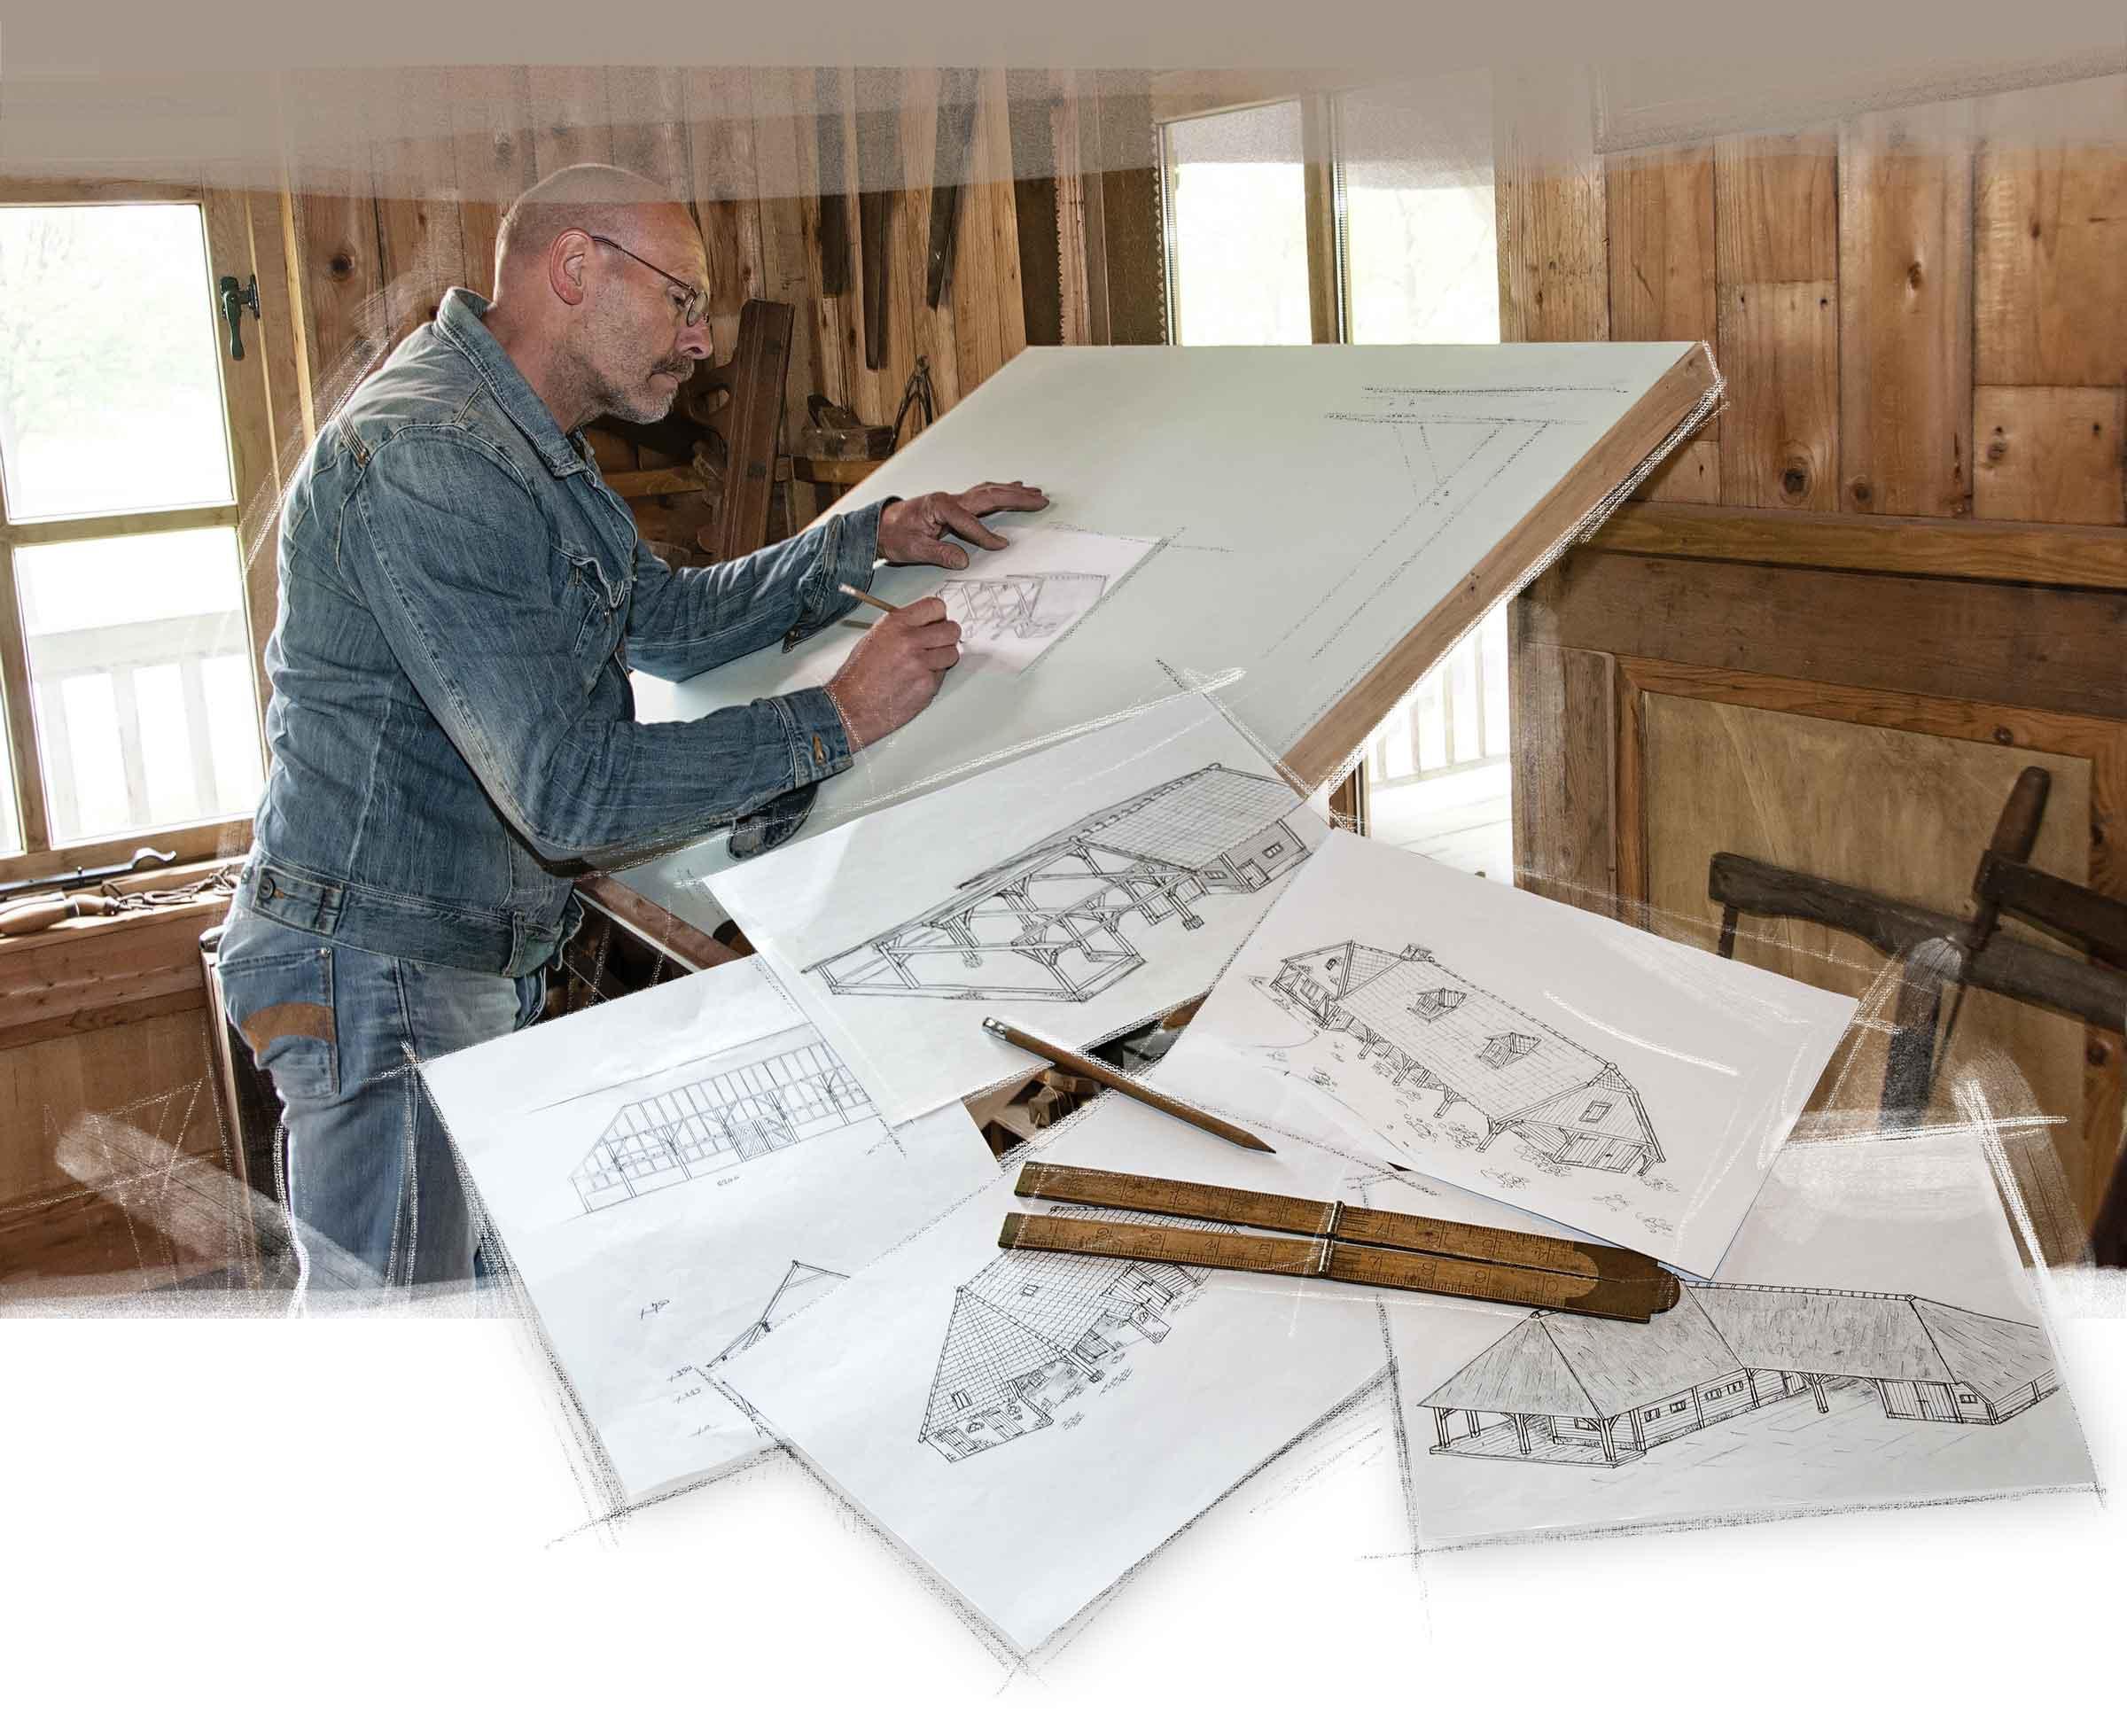 Henk Bennink Exclusieve Houtbouw ontwerpt traditionele houten schuren, paardenstallen, woningen etc.